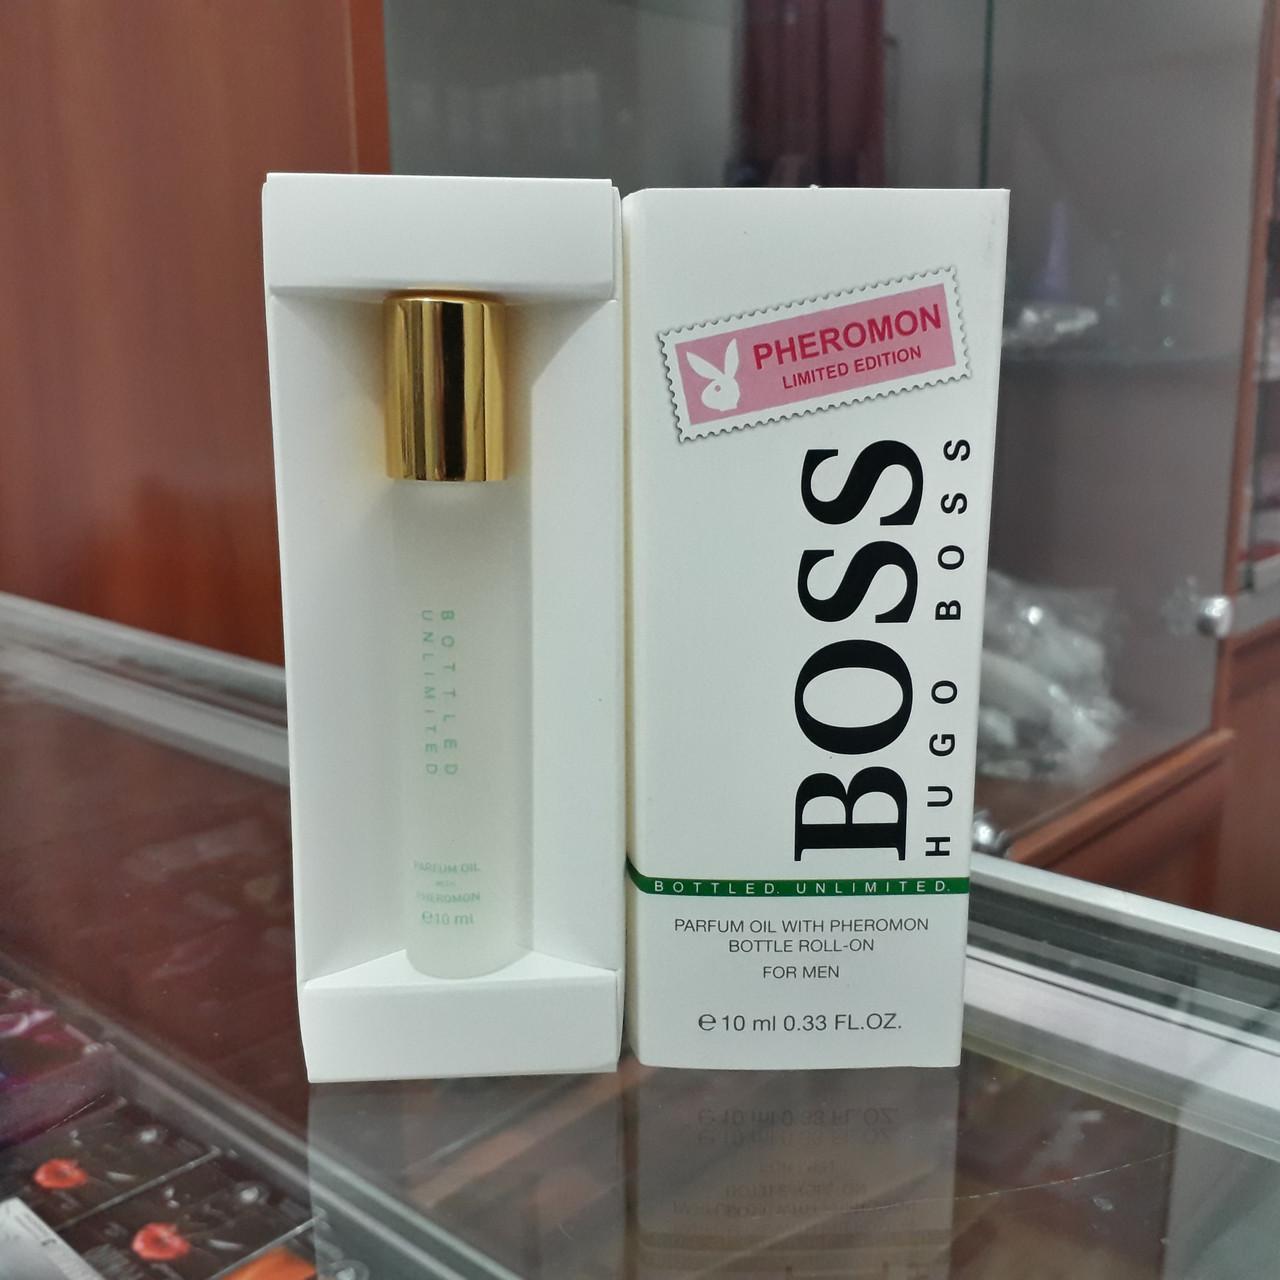 Духи с феромонами Hugo Boss Bottled Unlimited, 10ml.